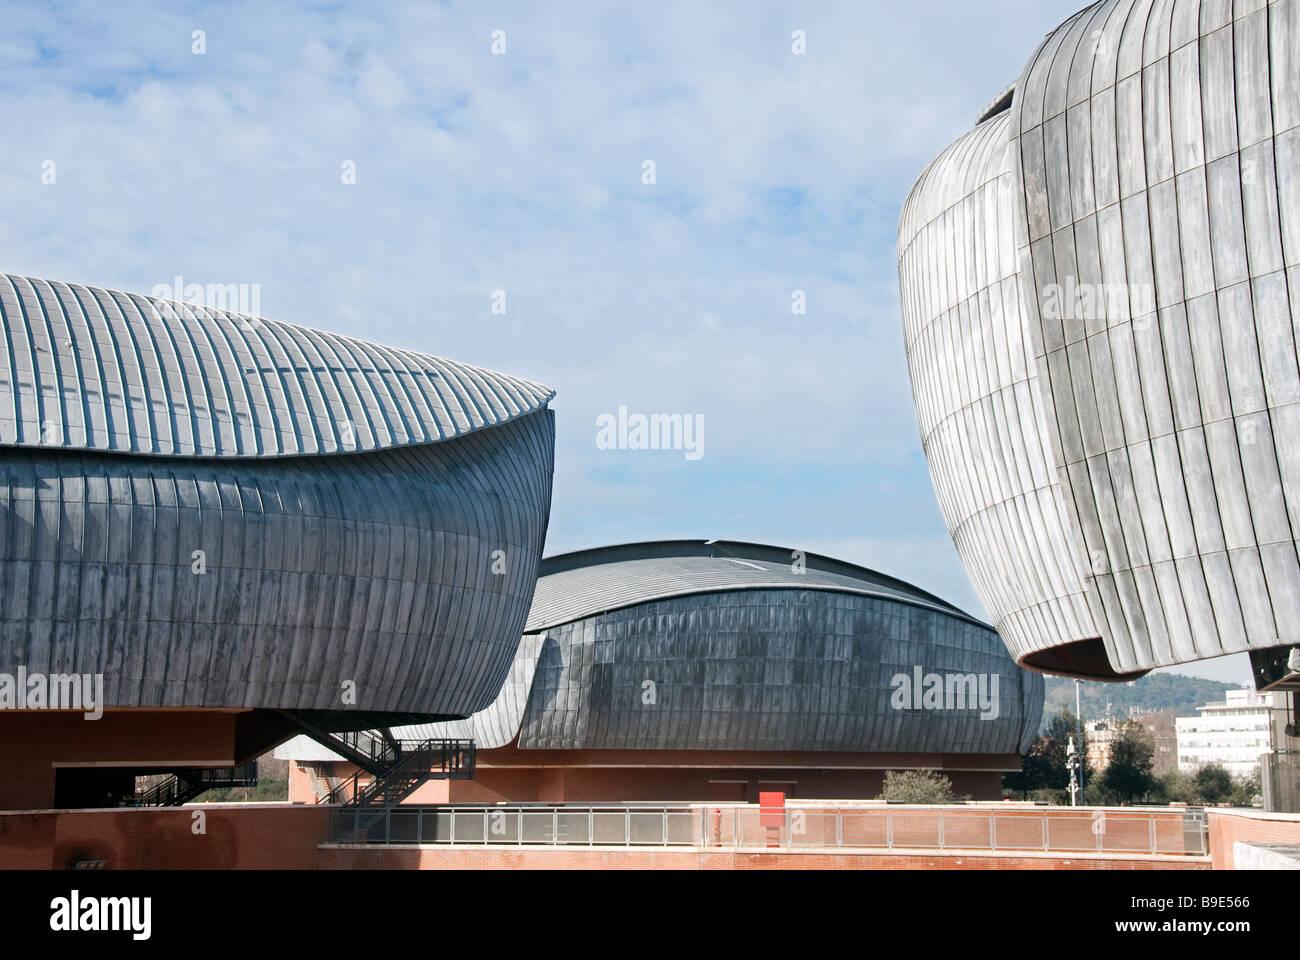 Sale Parco Della Musica Roma : Tetti di piombo dellauditorium tre sale da concerto nel parco